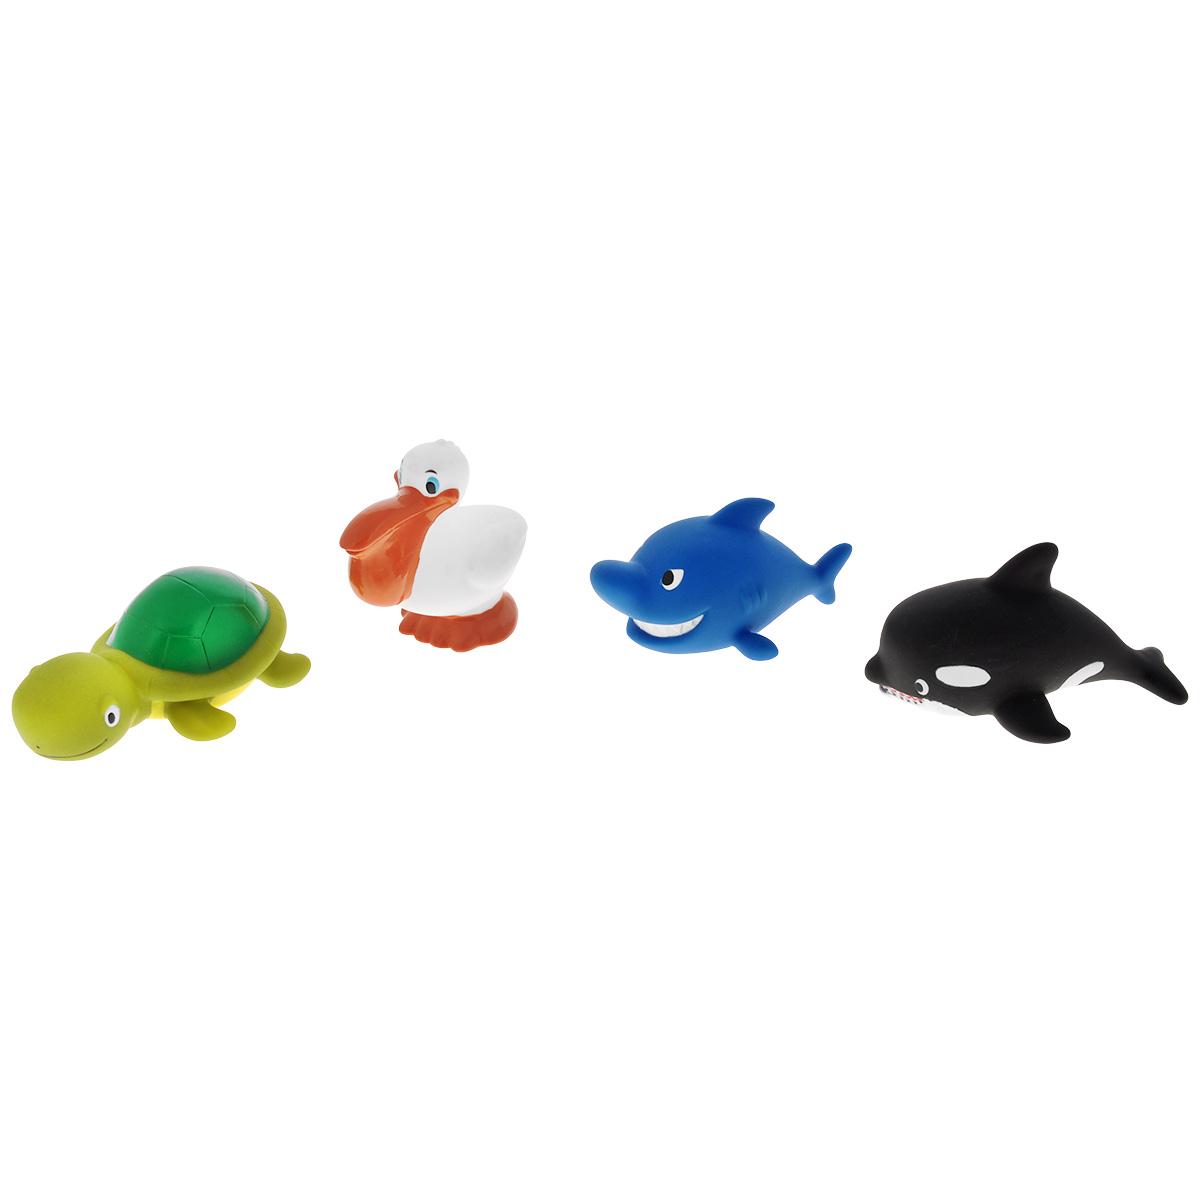 Игровой набор для ванны Mioshi Морские обитатели, 4 шт игрушки для ванны tolo toys набор ведерок квадратные